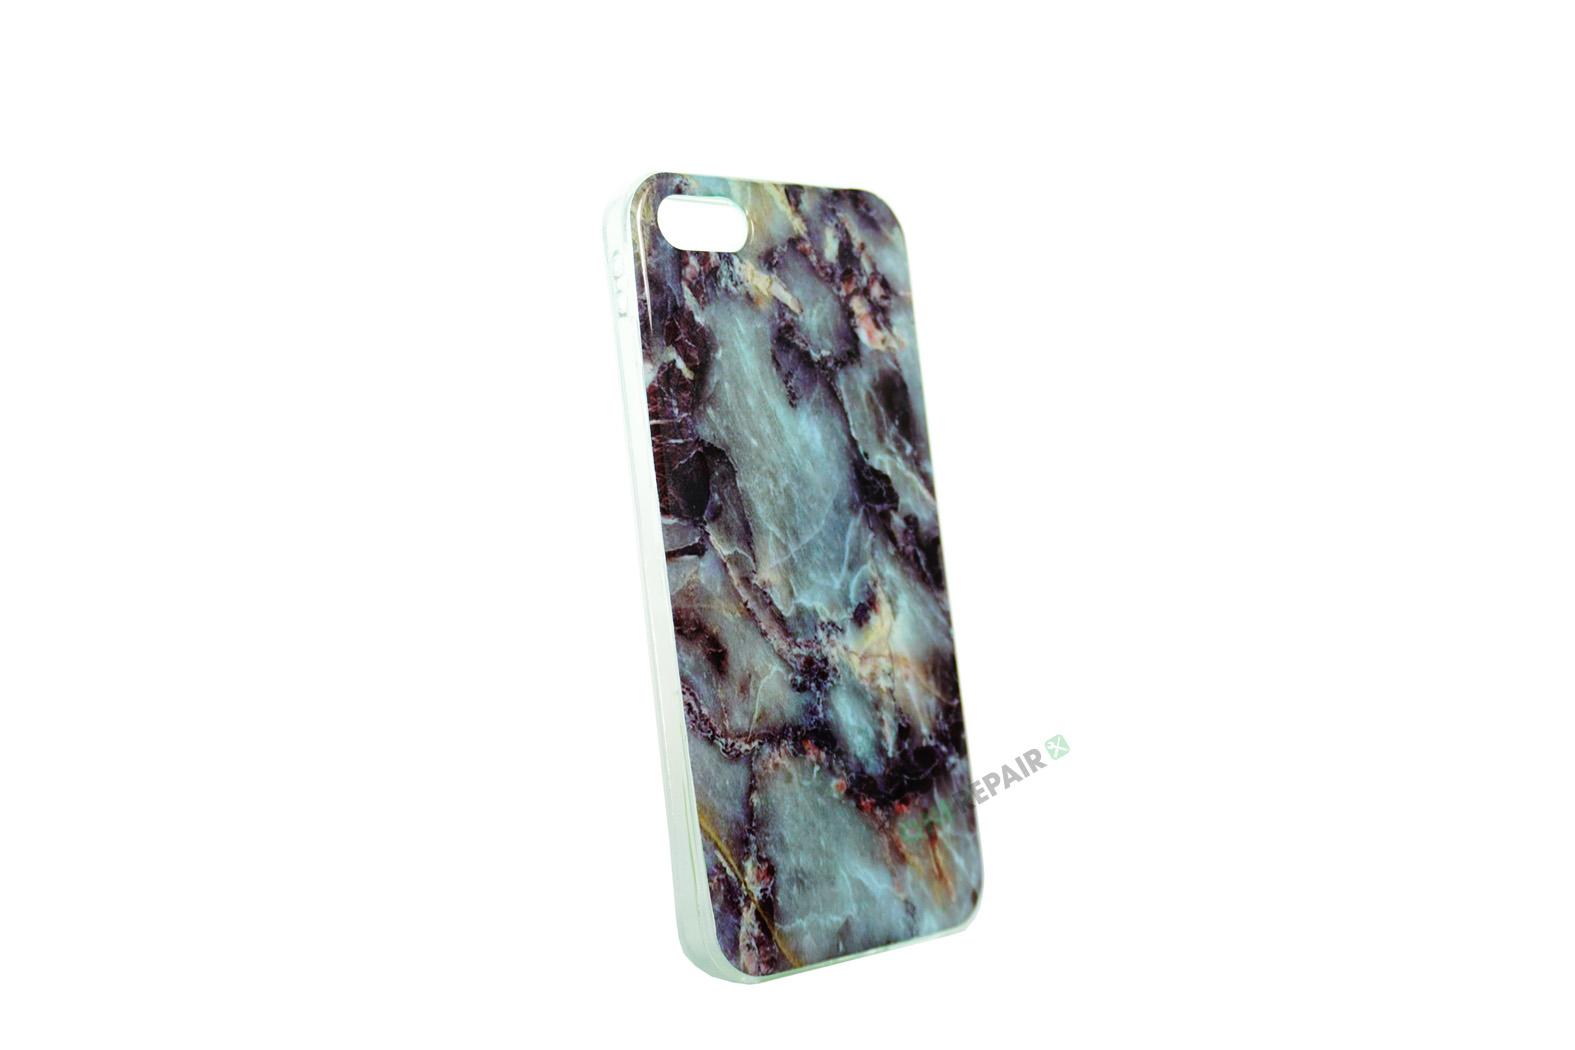 350517_iPhone_5_5S_SE_Moenster_Cover_Mork_Hvid_Marmor_OneRepair_00002